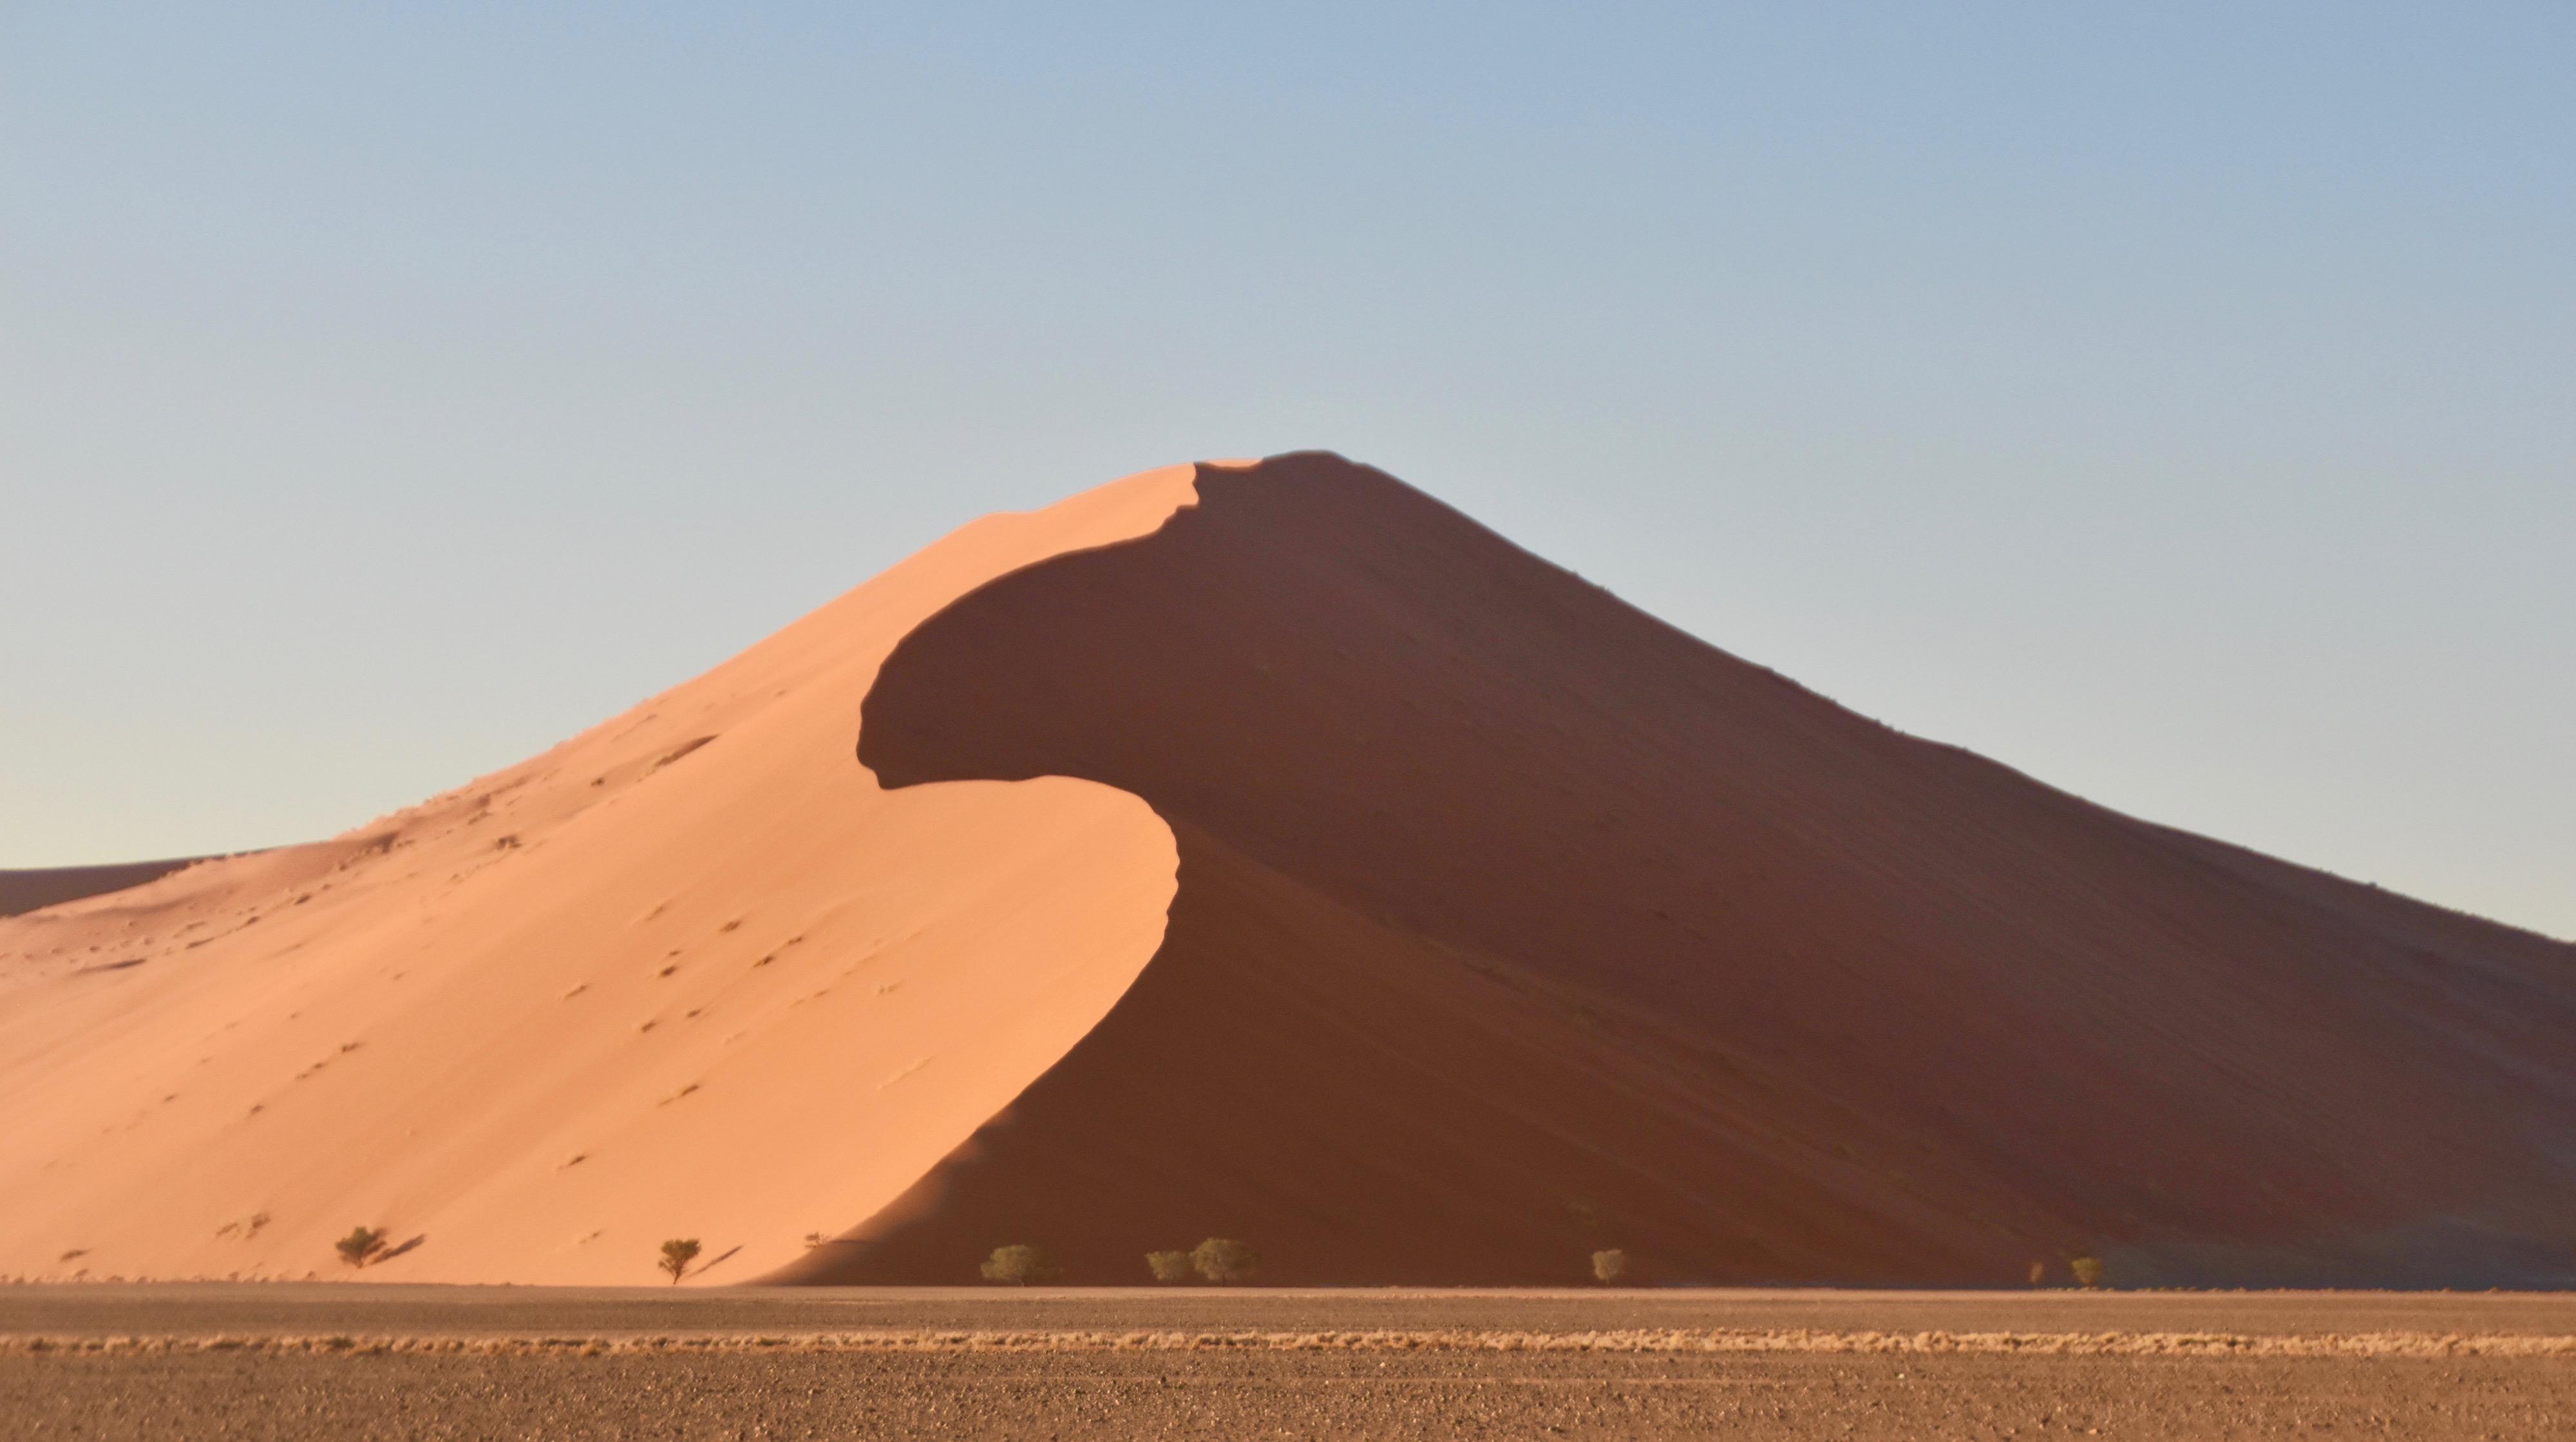 Star Dune, Sossusvlei